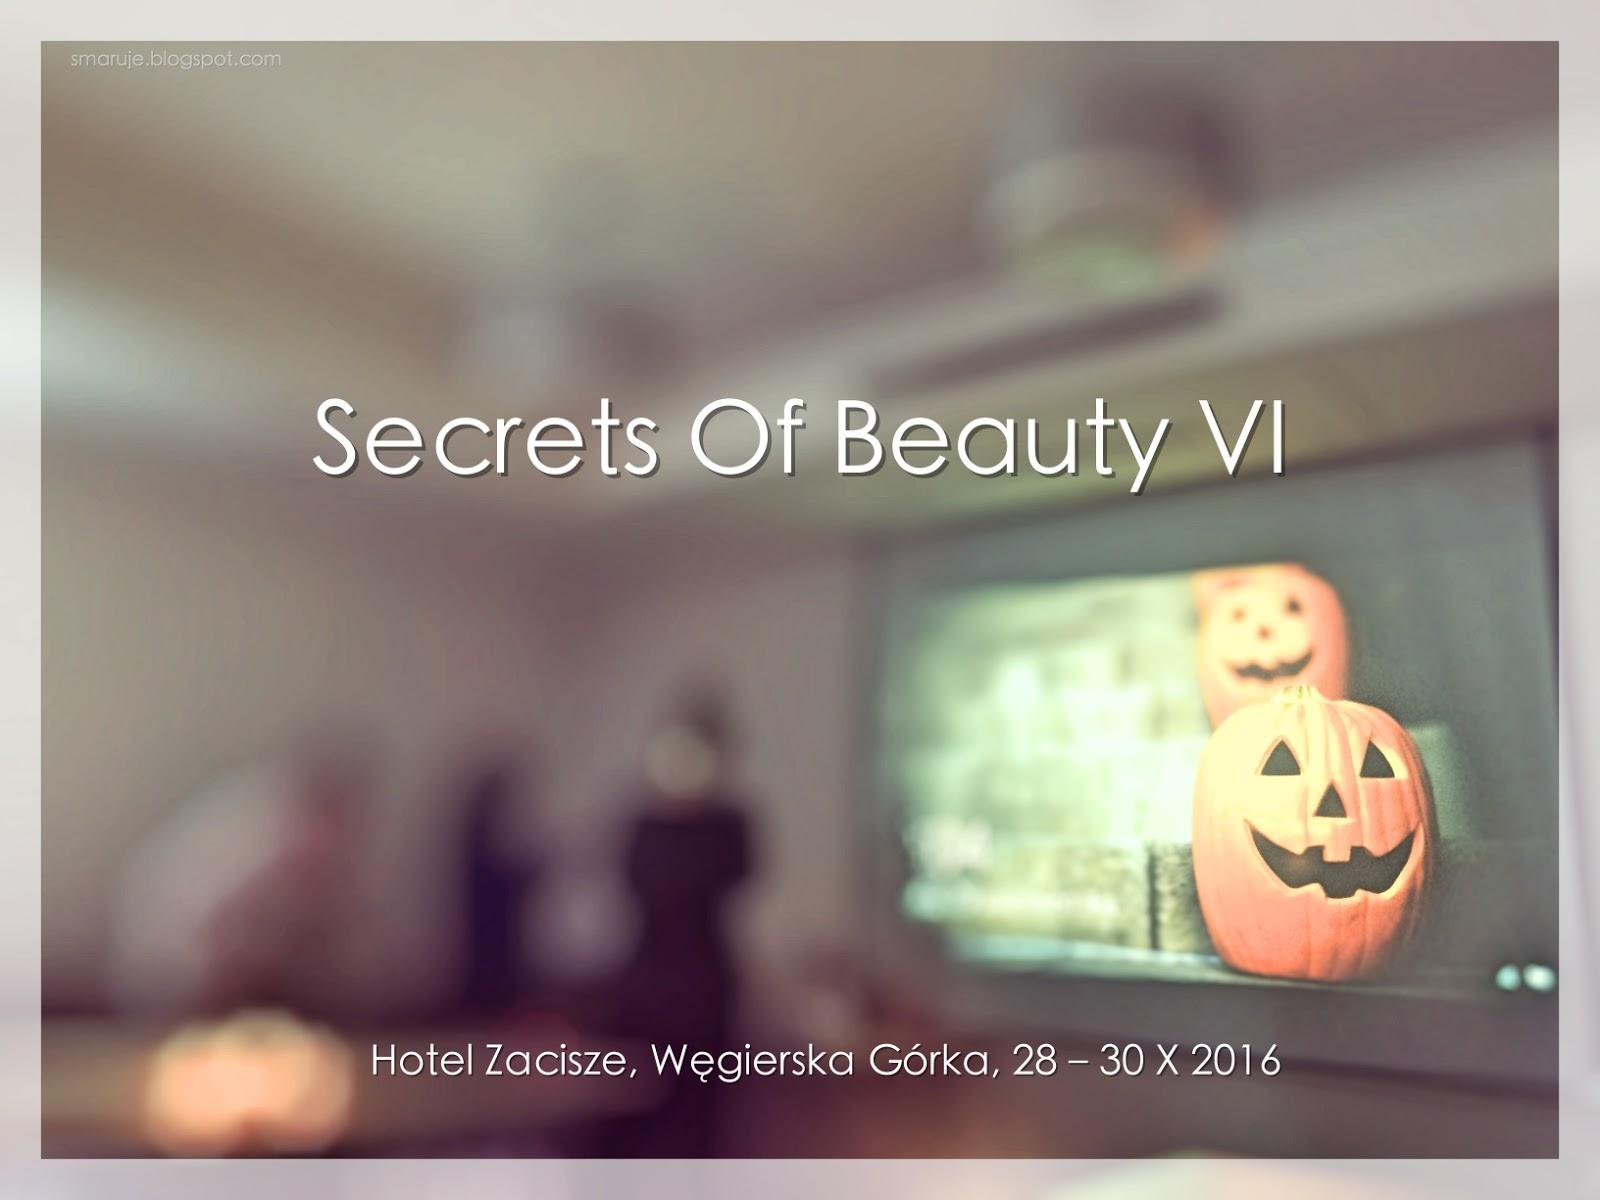 Secrets Of Beauty VI, czyli porozmawiajmy o urodzie... w górach!